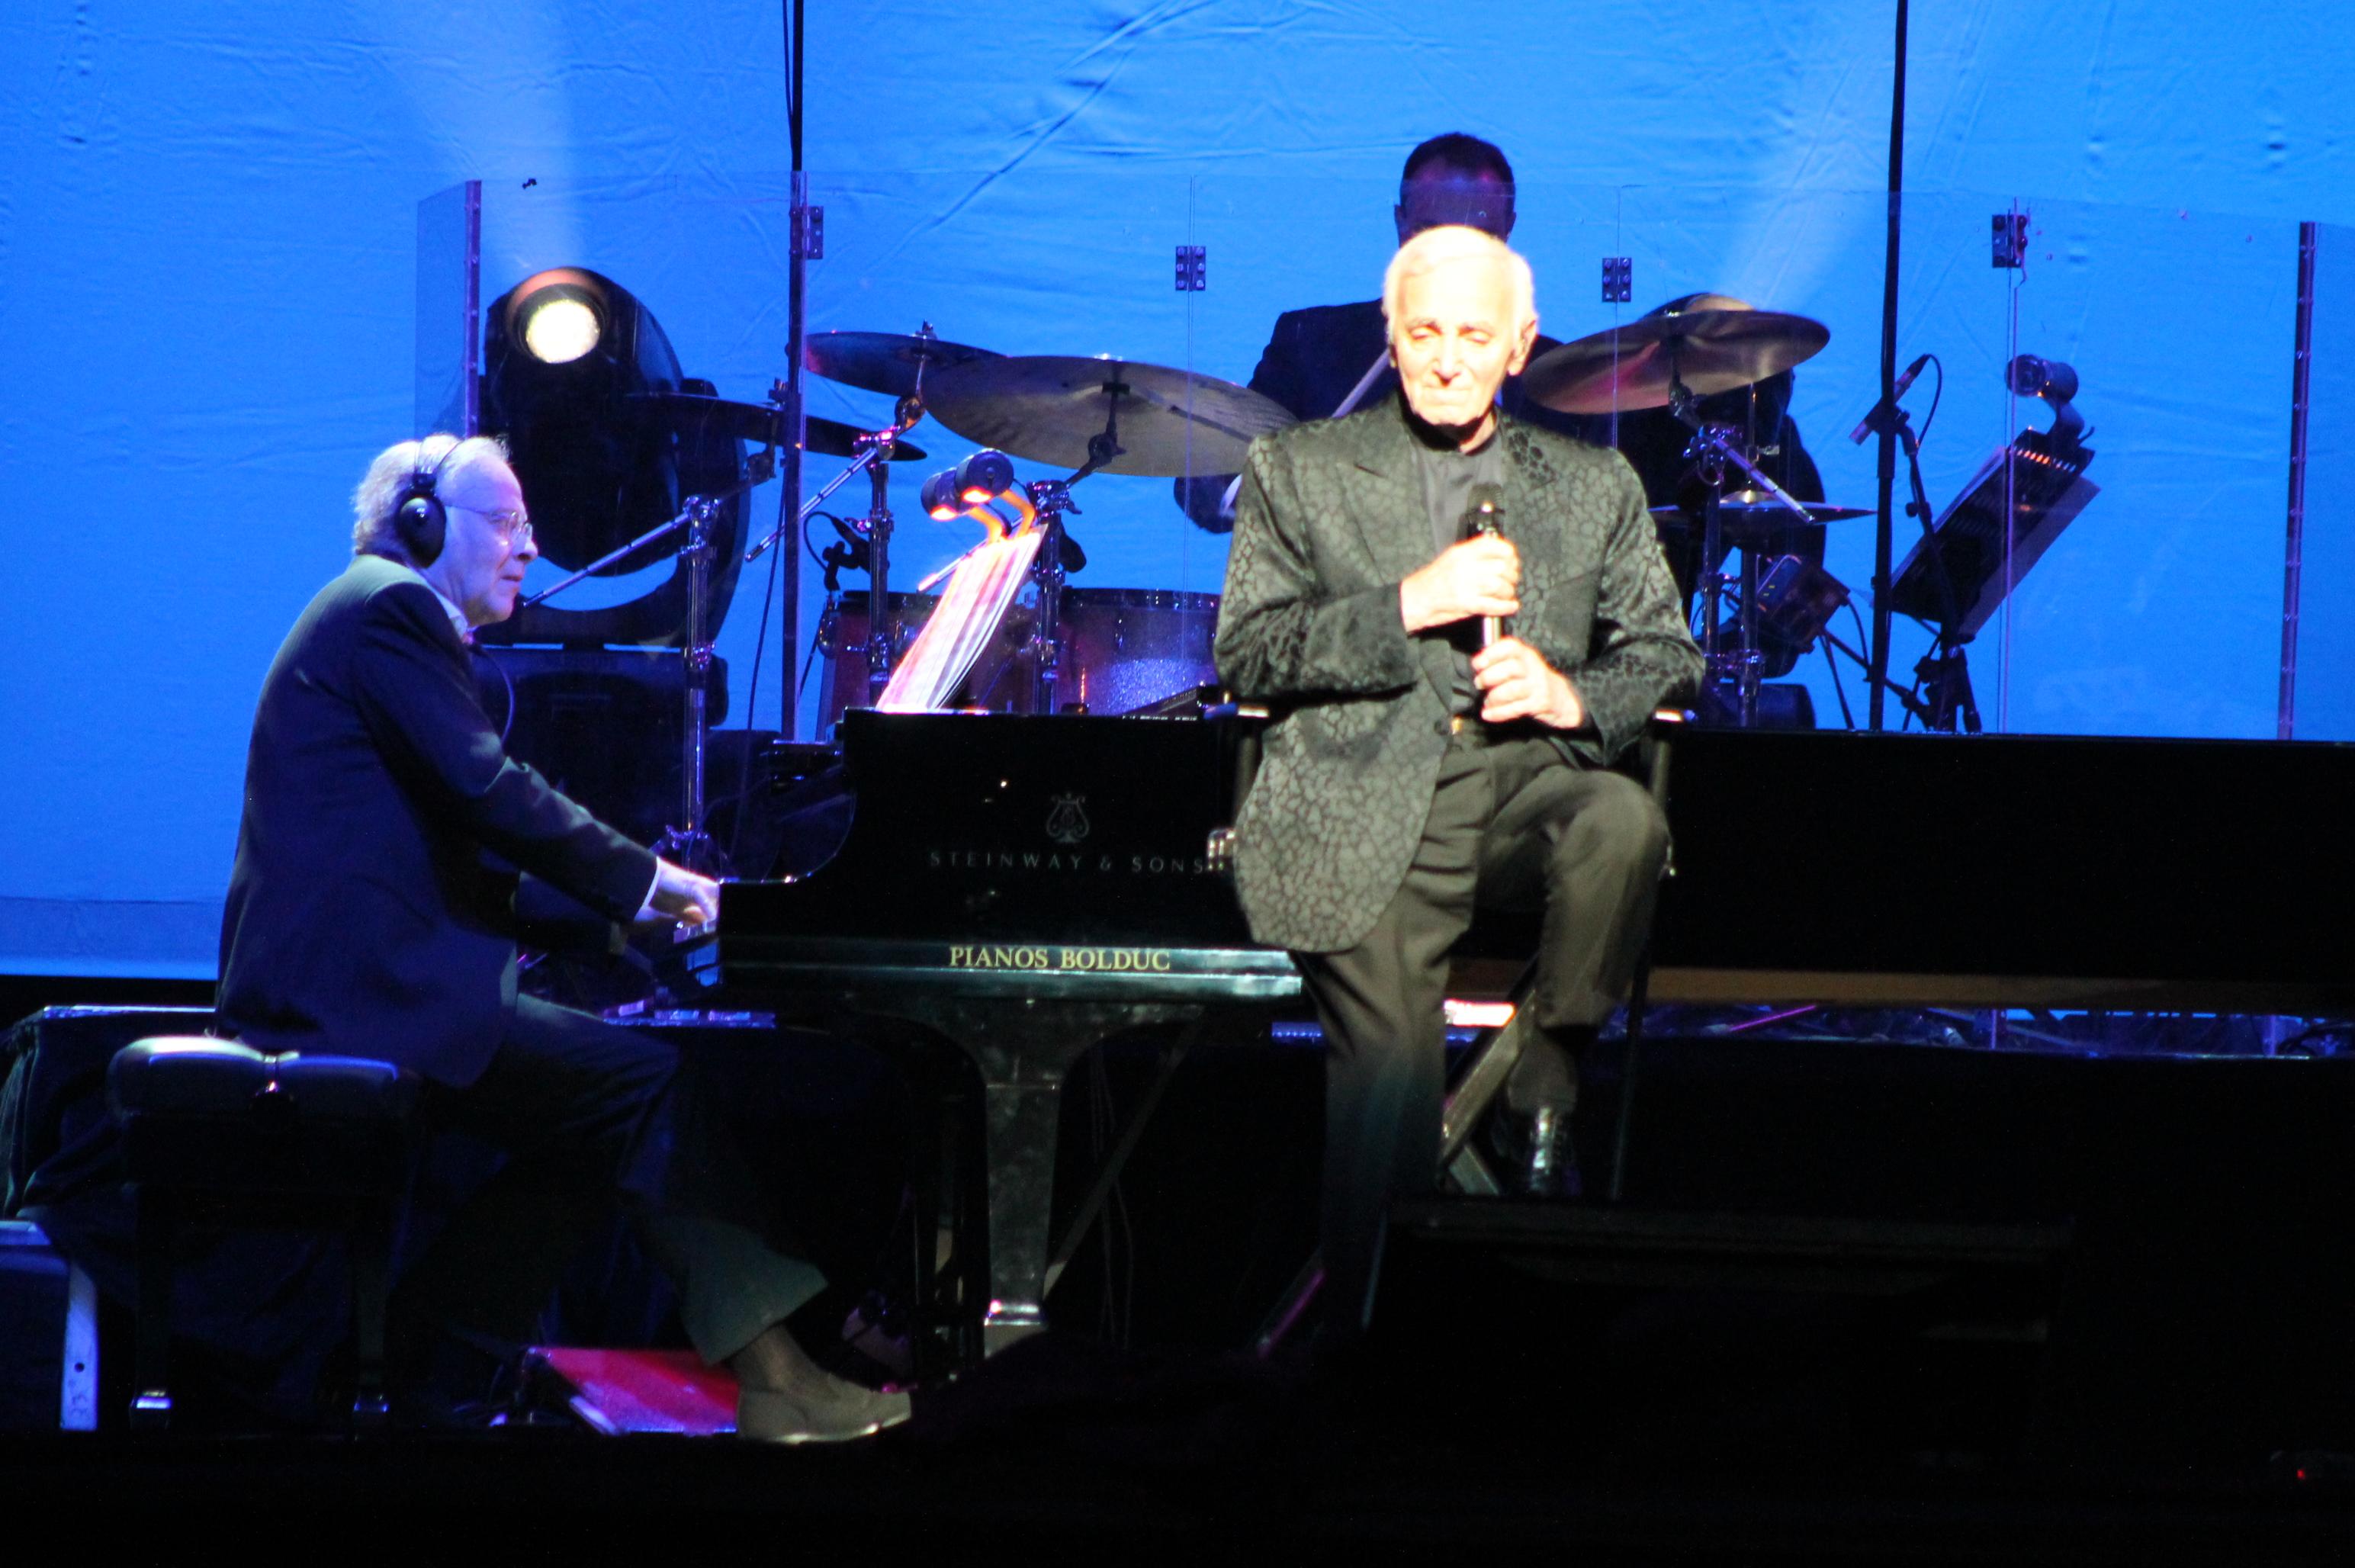 Charles Aznavour en compagnie de son pianiste Erik Berchot - 17 septembre 2014 ©Suzette Paradis